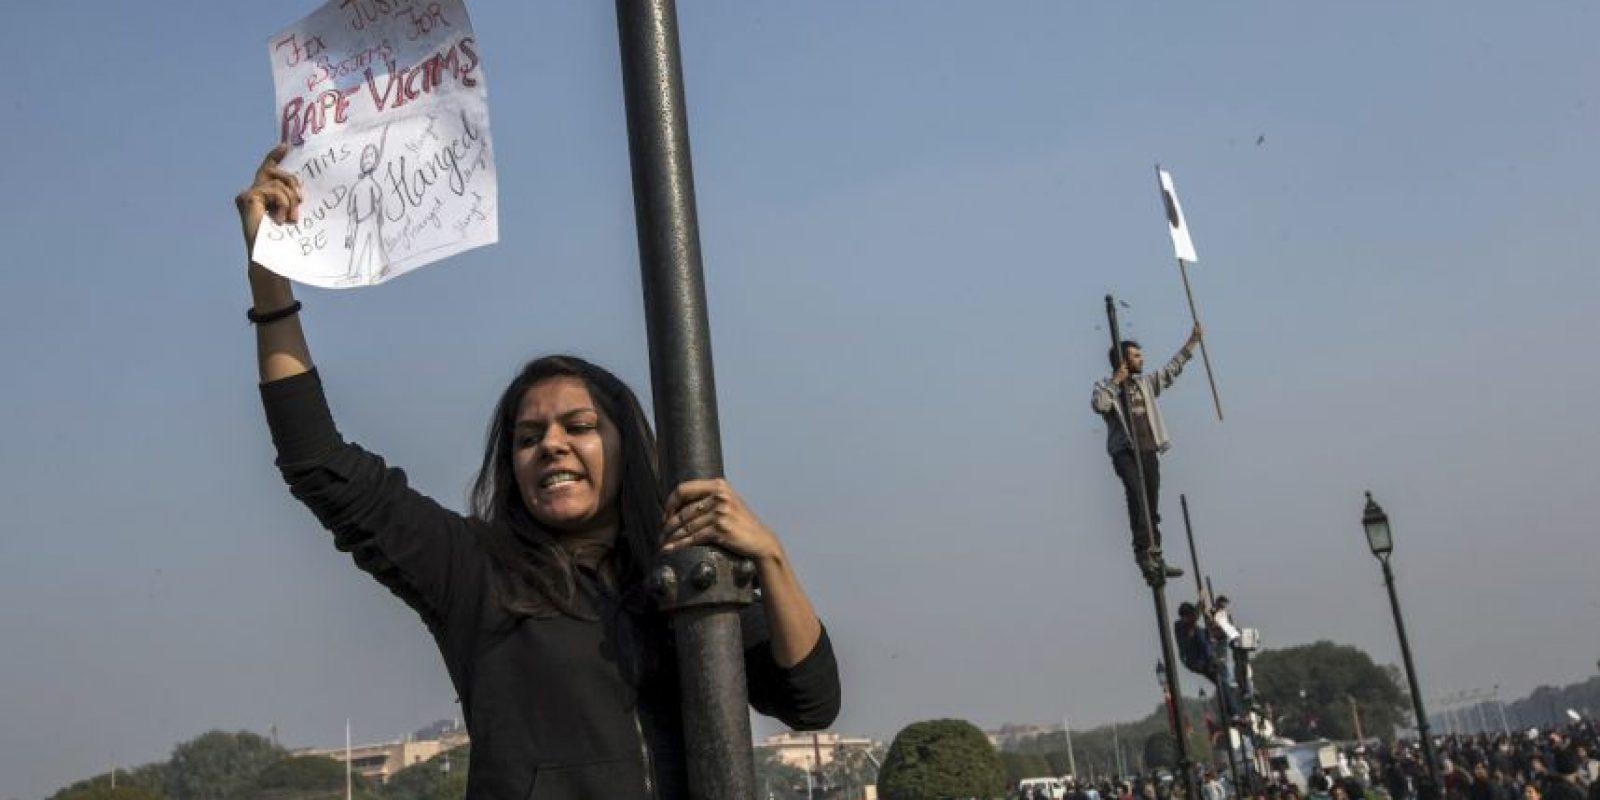 En el 98% de los casos, el violador es una persona conocida por la víctima Foto:Getty Images